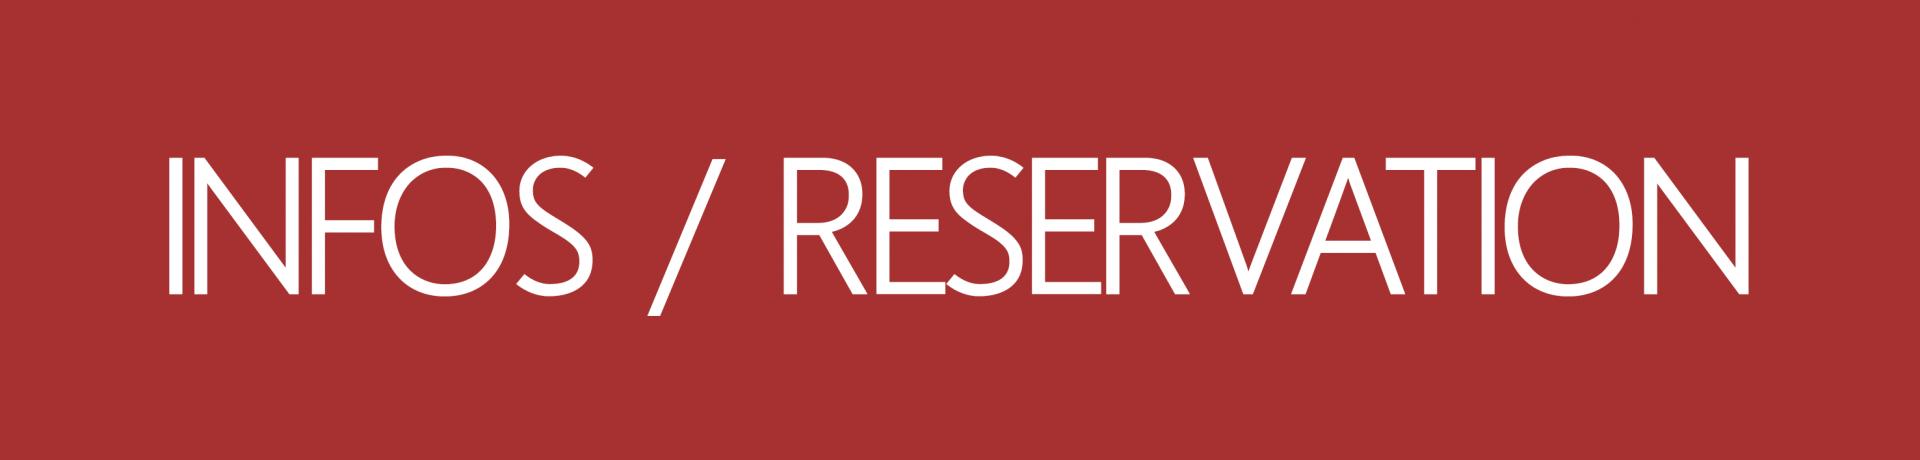 Bordeaux reservation